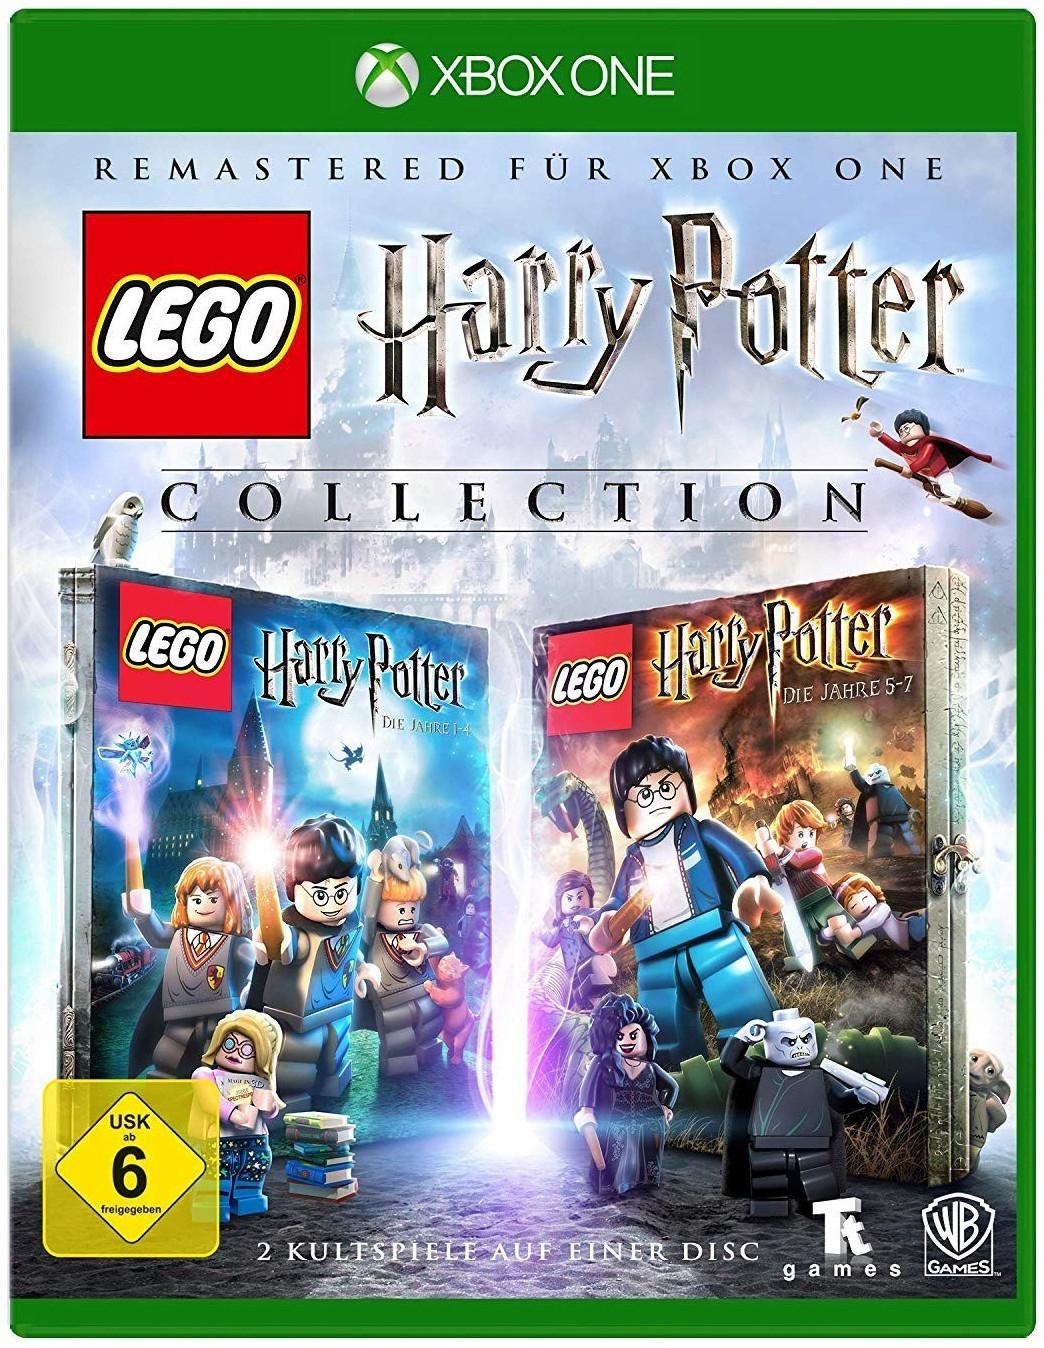 LEGO Harry Potter Collection (Xbox One) für 16,81€ versandkostenfrei (Media Markt)